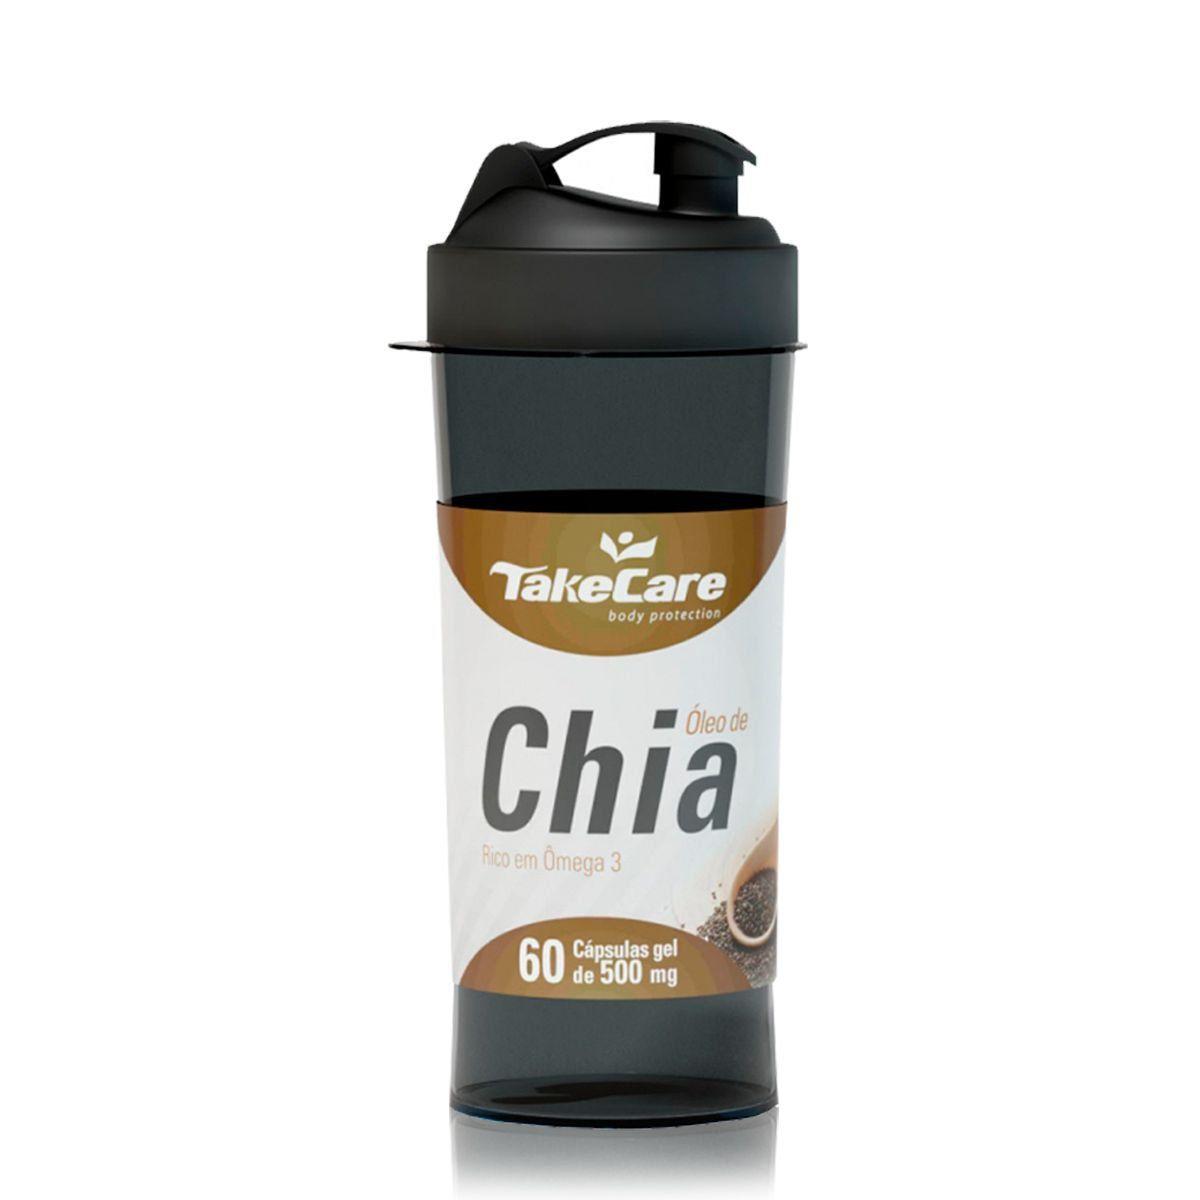 Óleo de Chia 500mg 60 Caps + Coqueteleira - Take Care